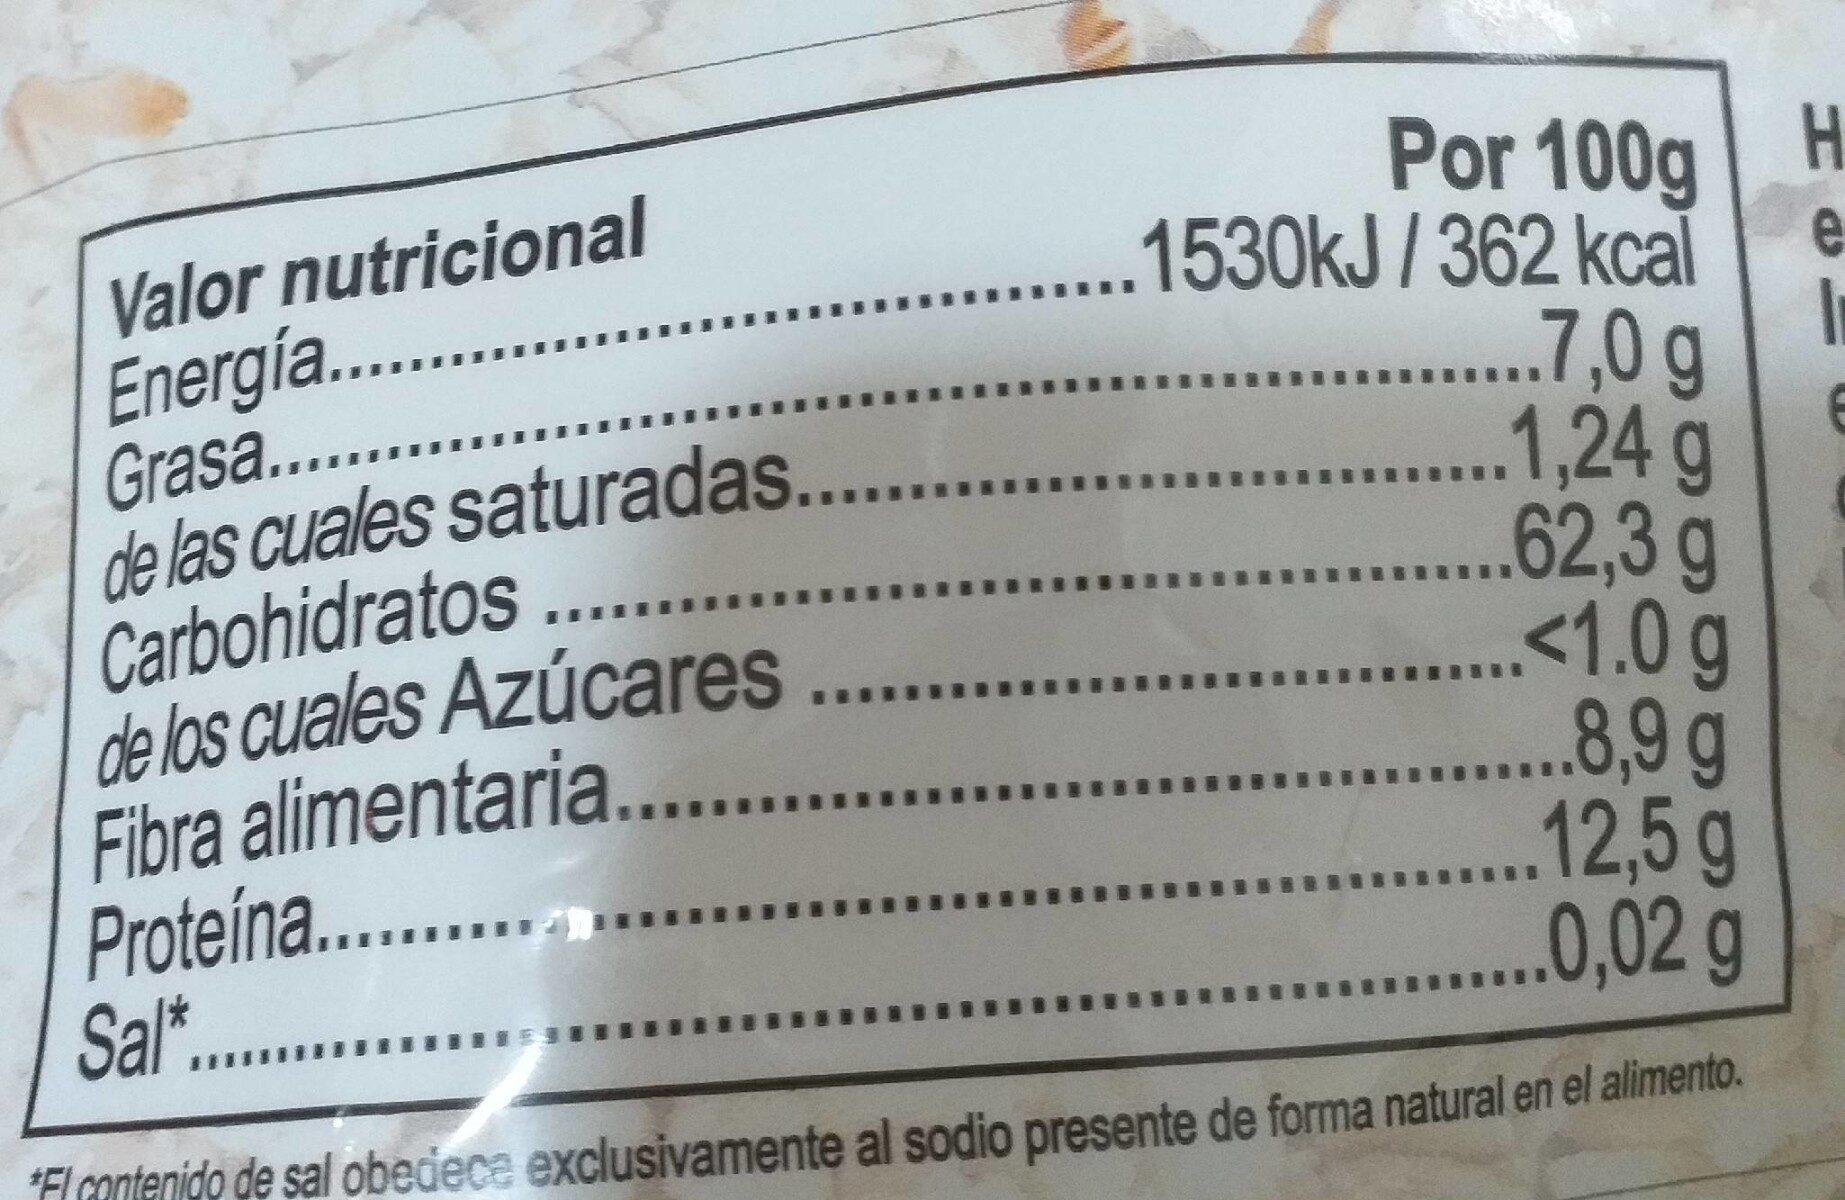 Harina de Avena - Información nutricional